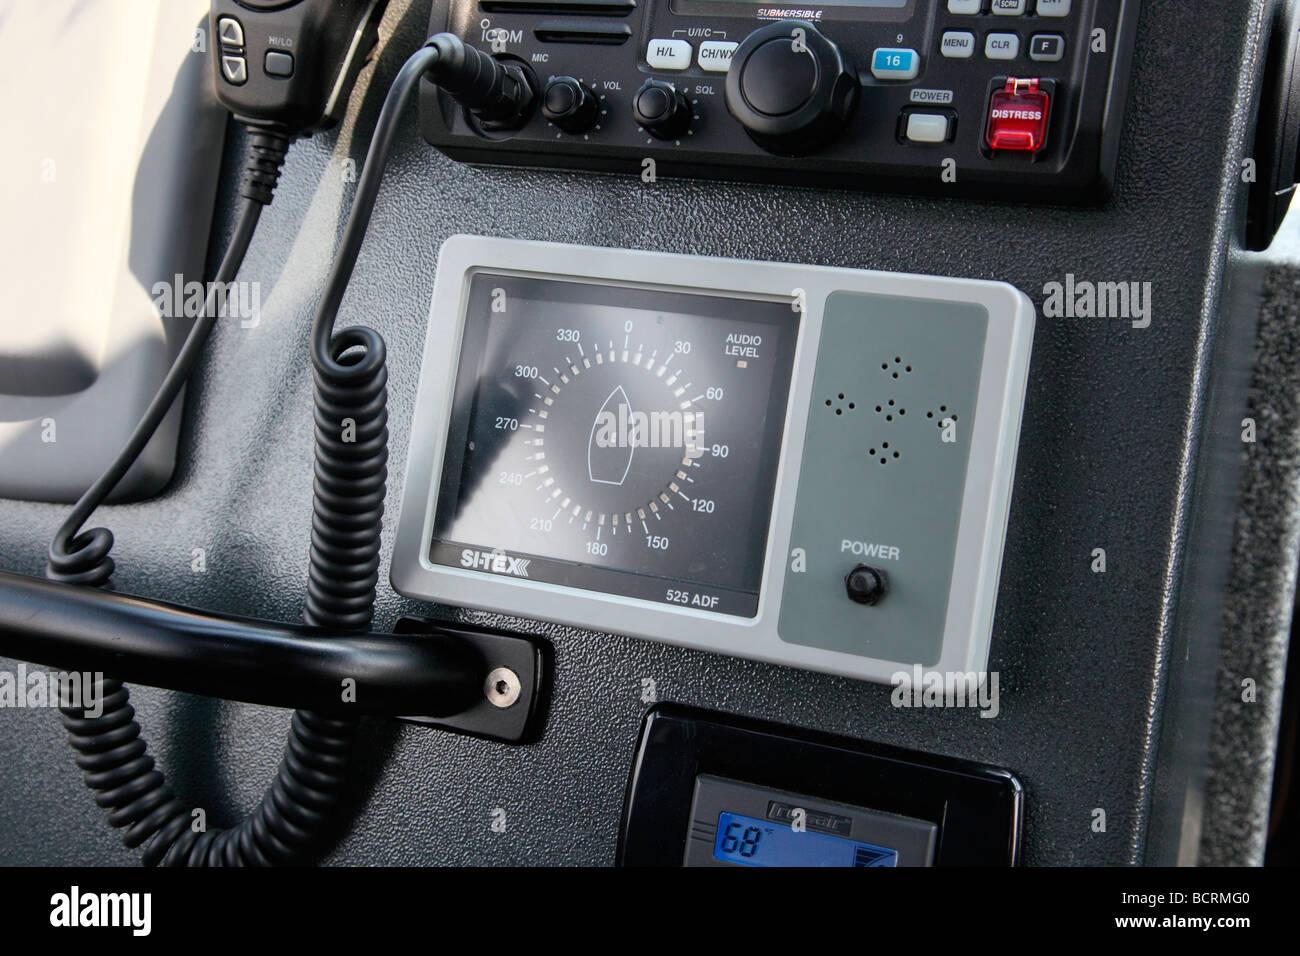 VHF radio, temperature control console on rescue vessel - Stock Image